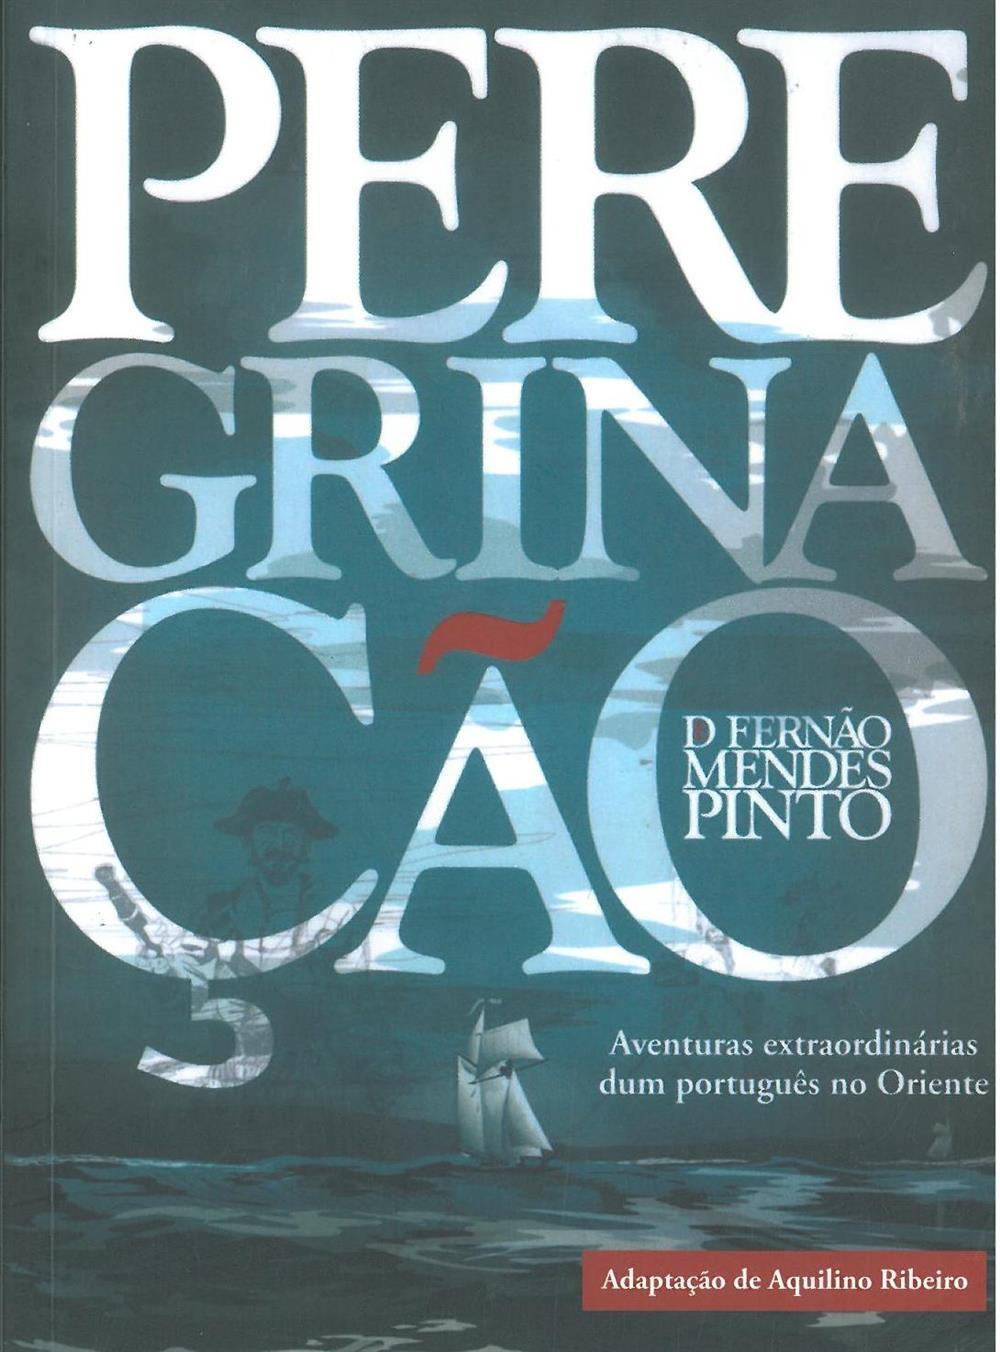 Peregrinação de Fernão Mendes Pinto_.jpg